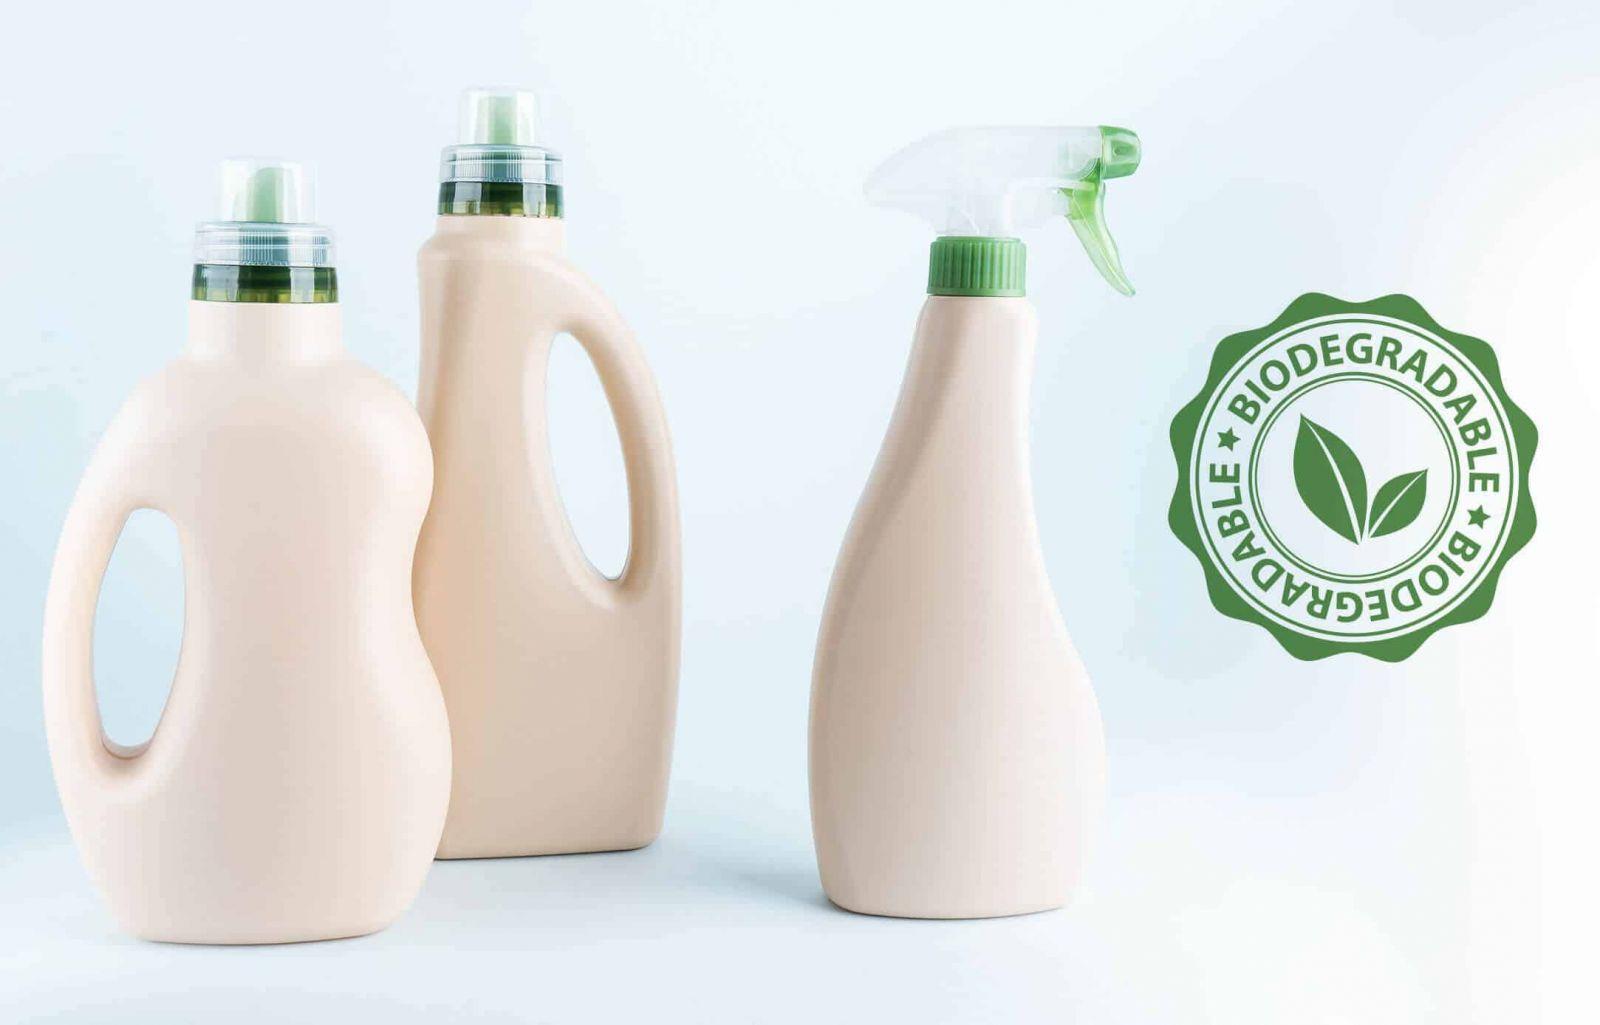 những chai nhựa được quảng cáo rằng có thể phân hủy sinh học